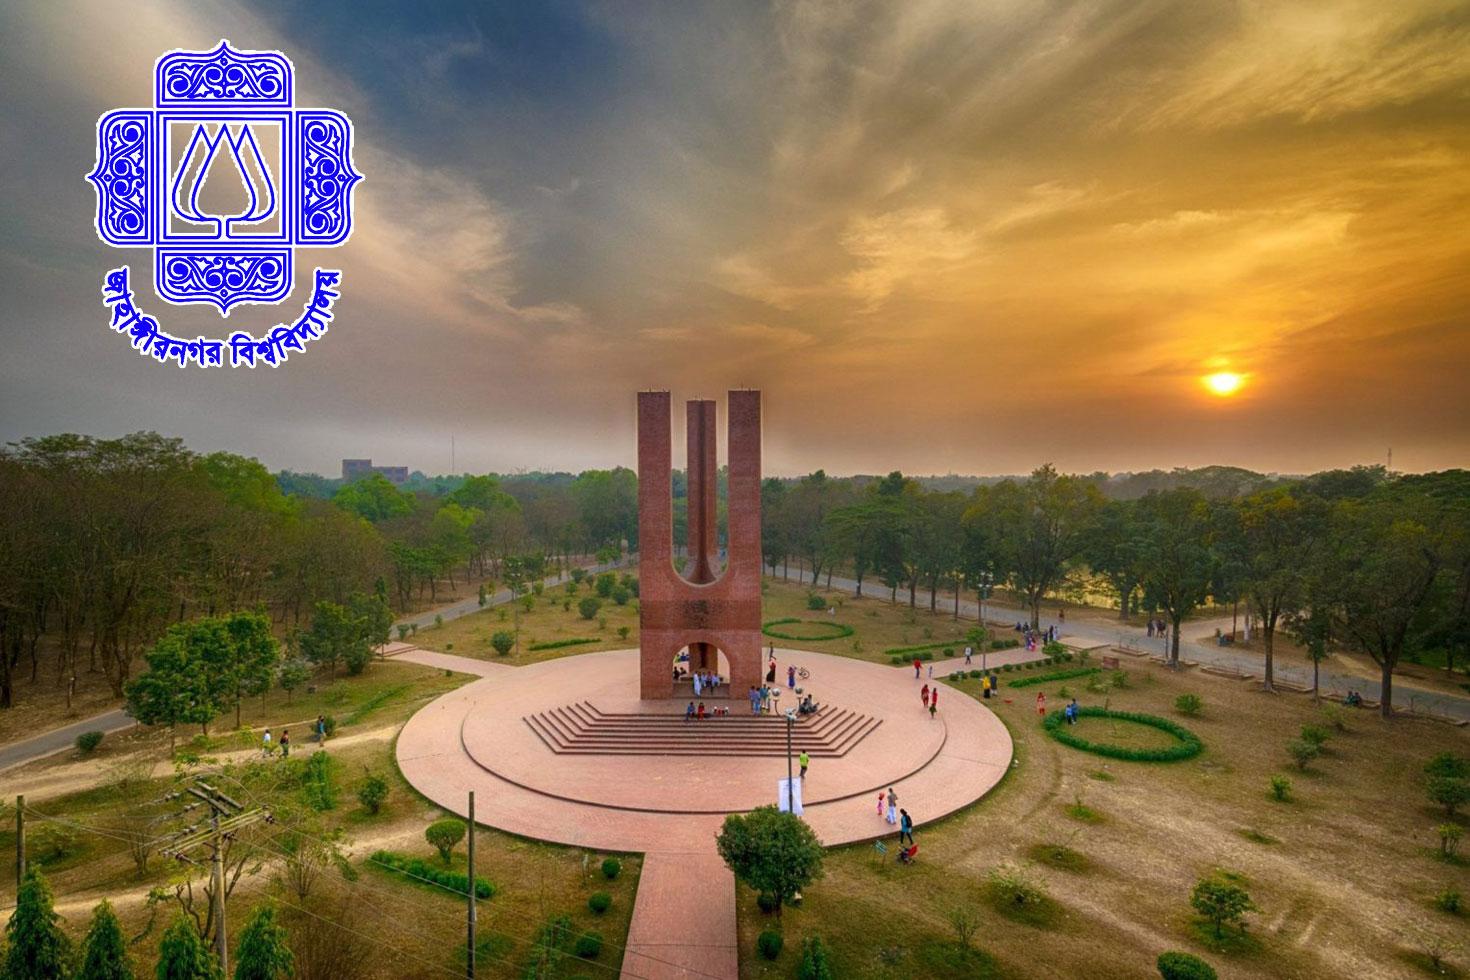 স্টোর-কিপার নিচ্ছে জাহাঙ্গীরনগর বিশ্ববিদ্যালয়